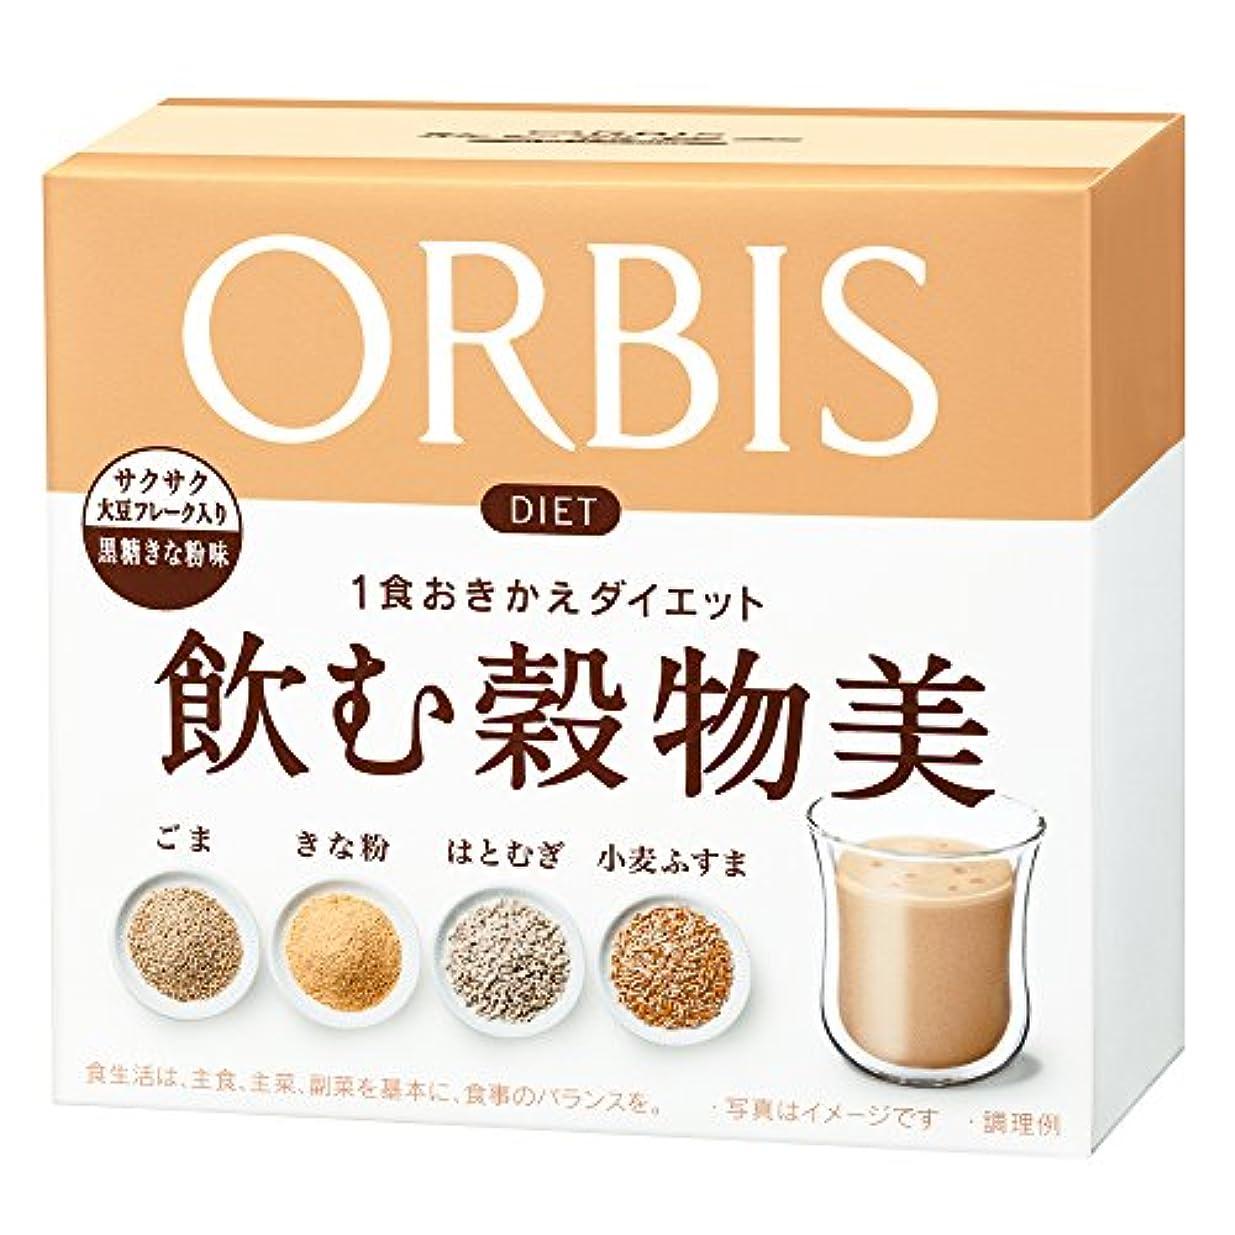 アセンブリ案件同行オルビス(ORBIS) 飲む穀物美 黒糖きなこ味 7日分(25g×7袋) ◎雑穀ダイエットシェイク◎ 1食分約189kcal